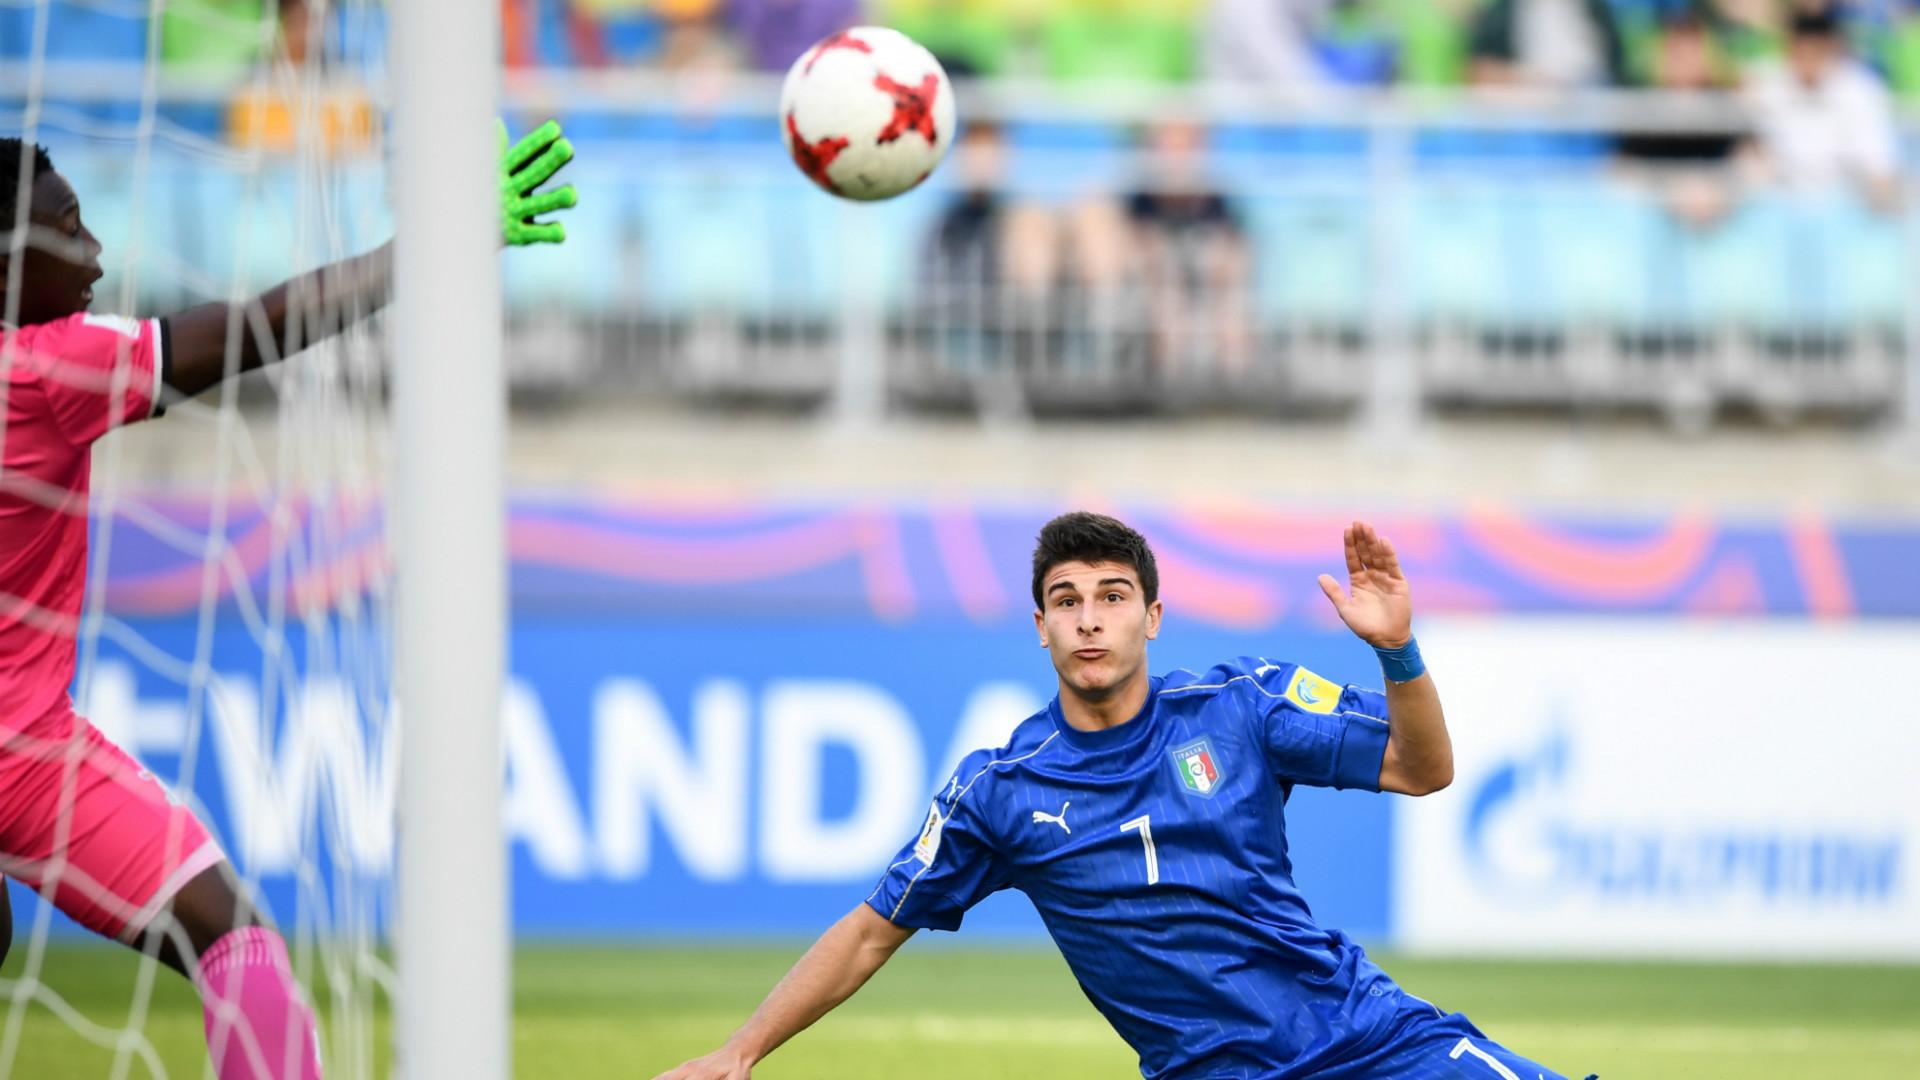 Mondiali Under 20, Italia-Zambia 3-2. Super Orsolini, storica semifinale per gli Azzurrini!